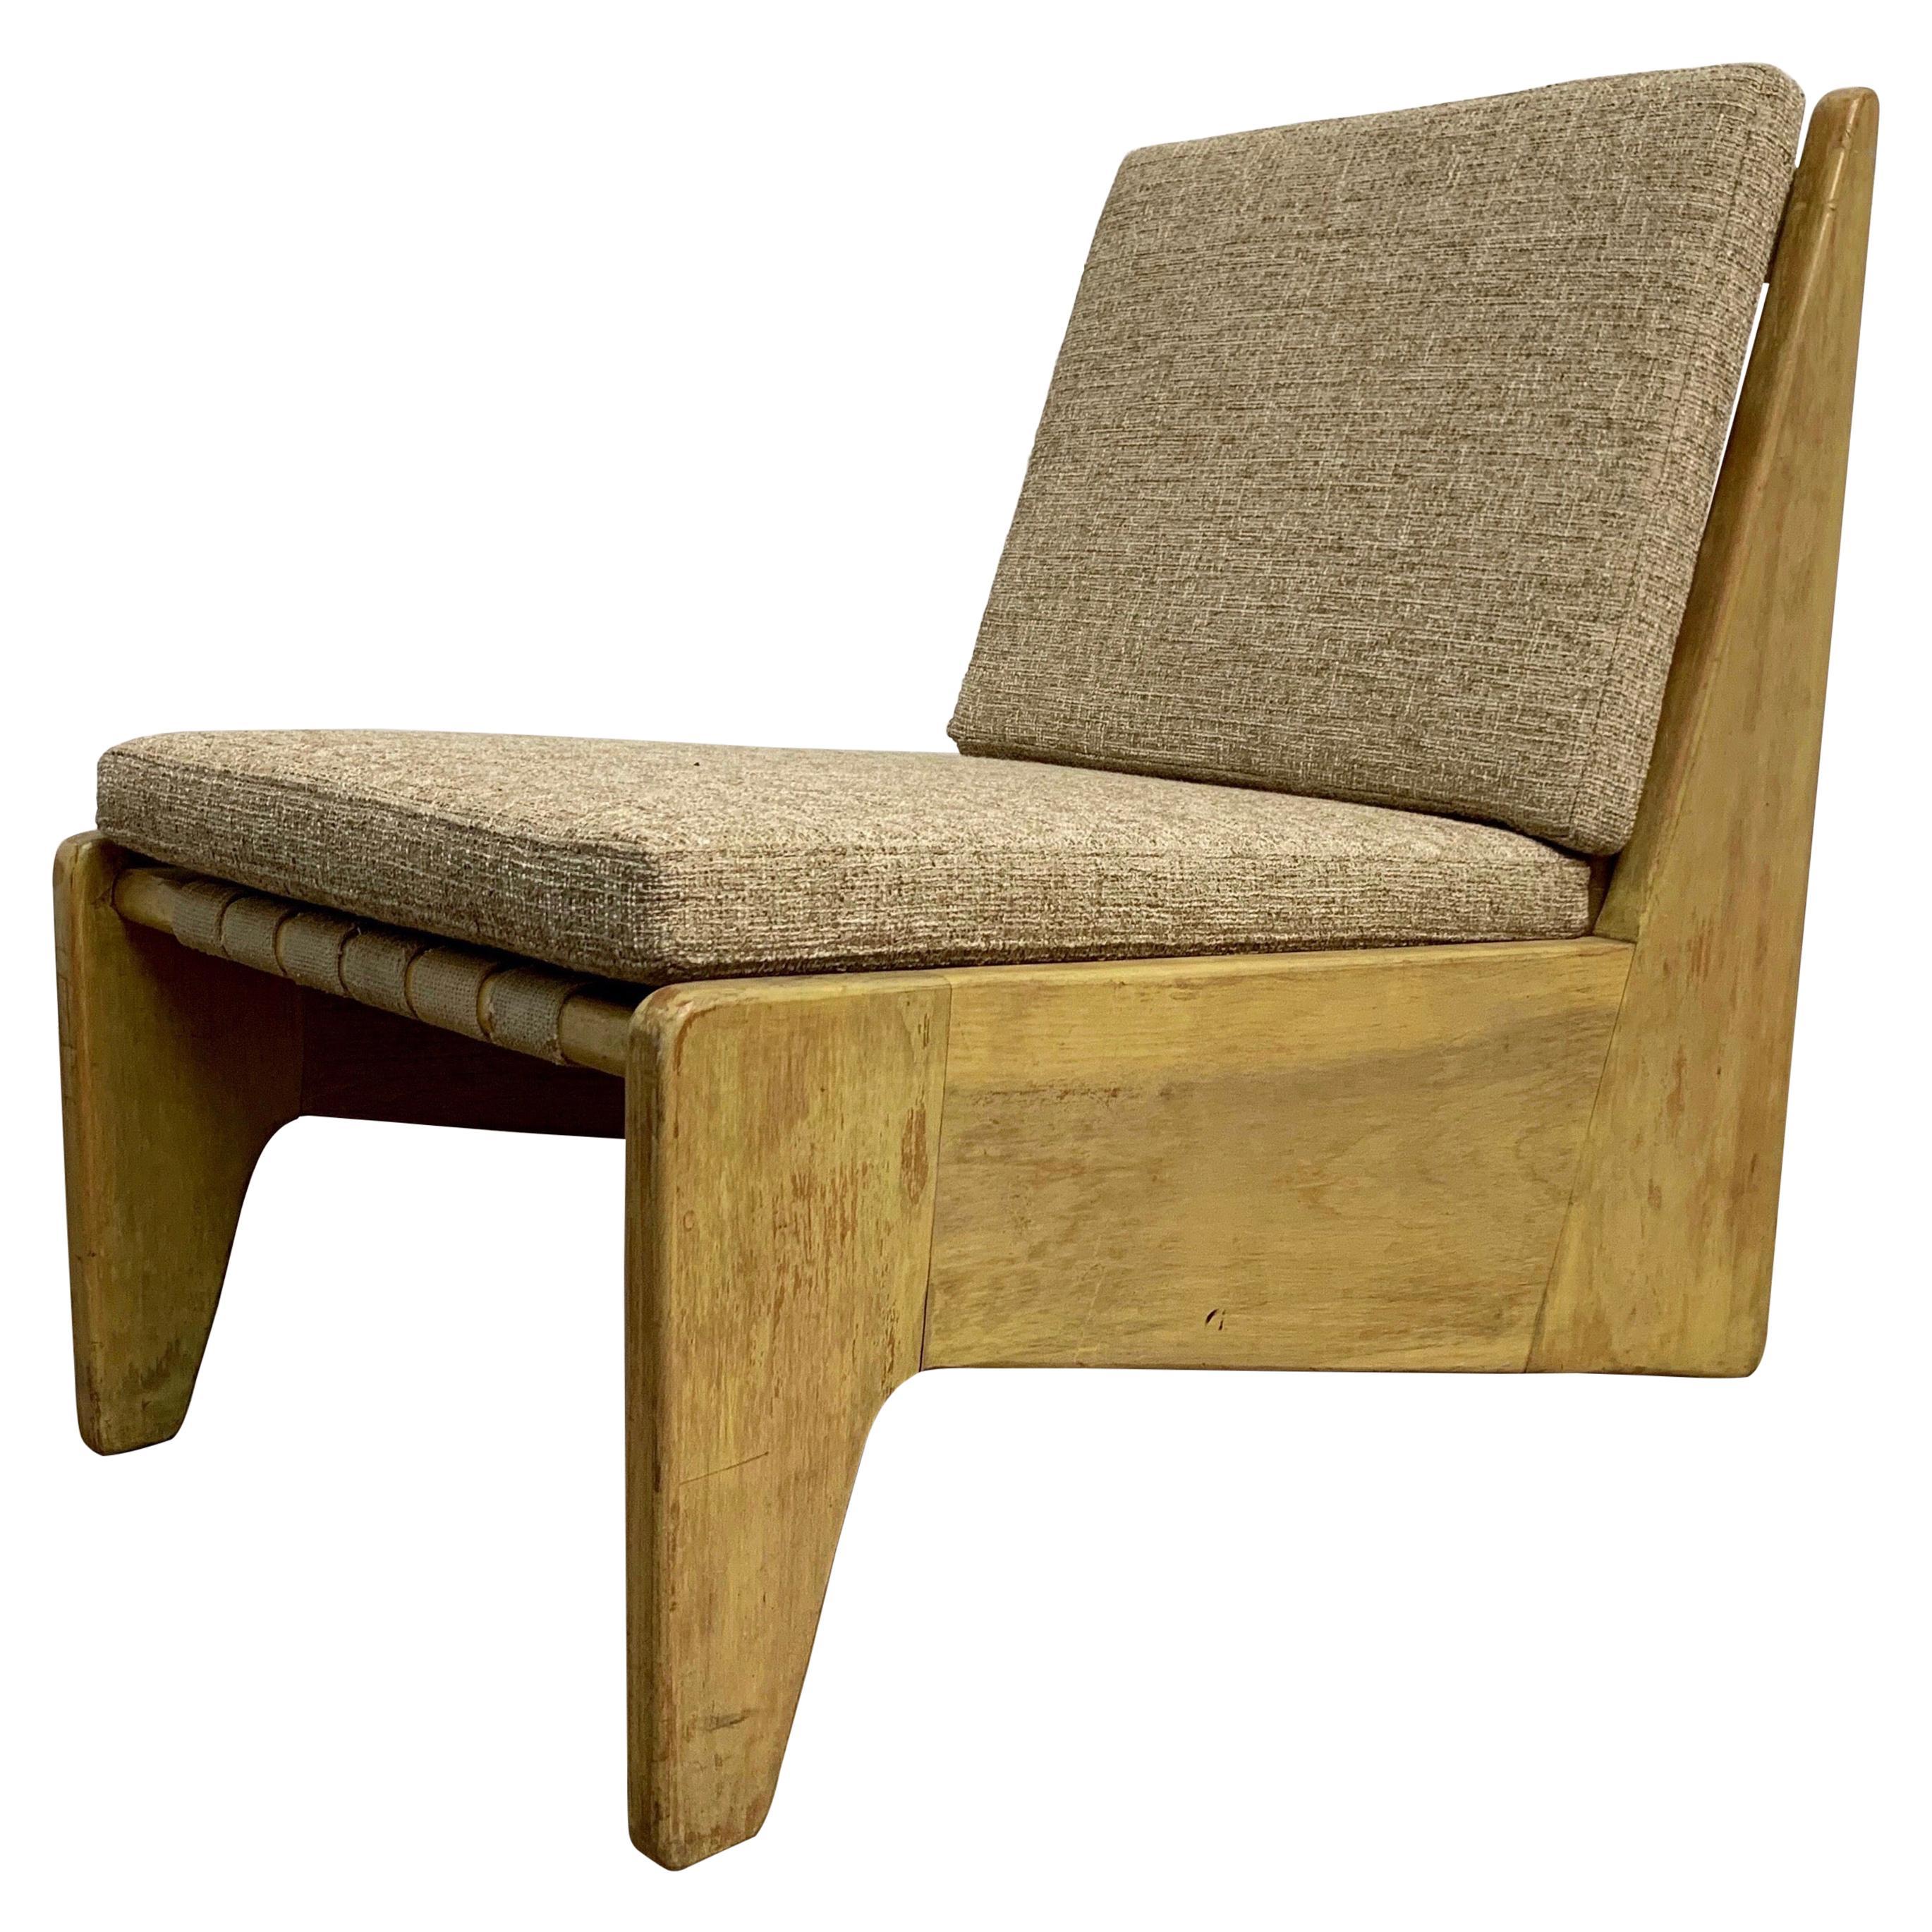 Architectural Modernist Slipper Chair